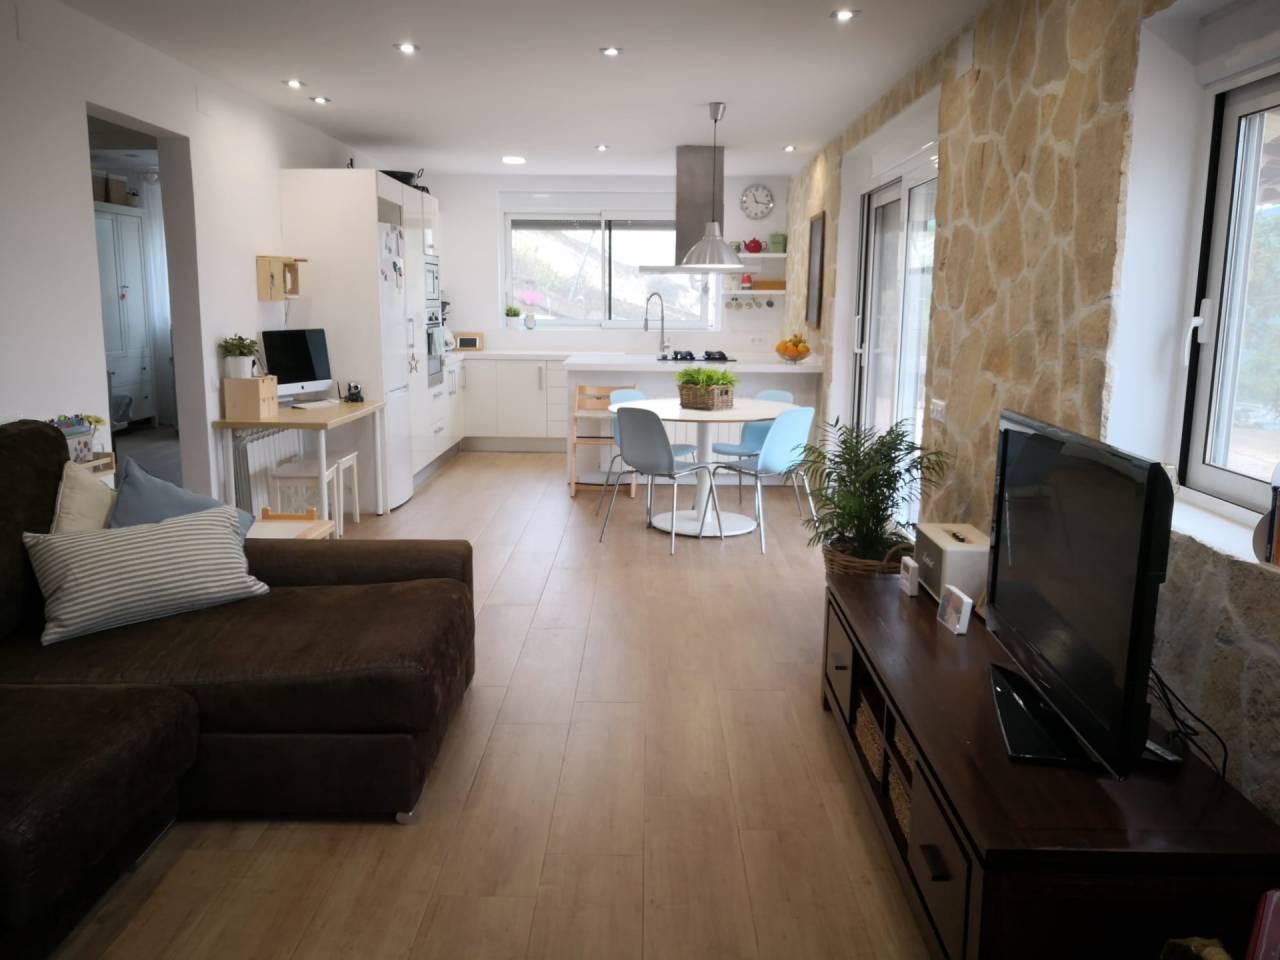 Casa  Vilanova del vallès. Casa de una sola planta de superficie total  aprox. 100 m², en s